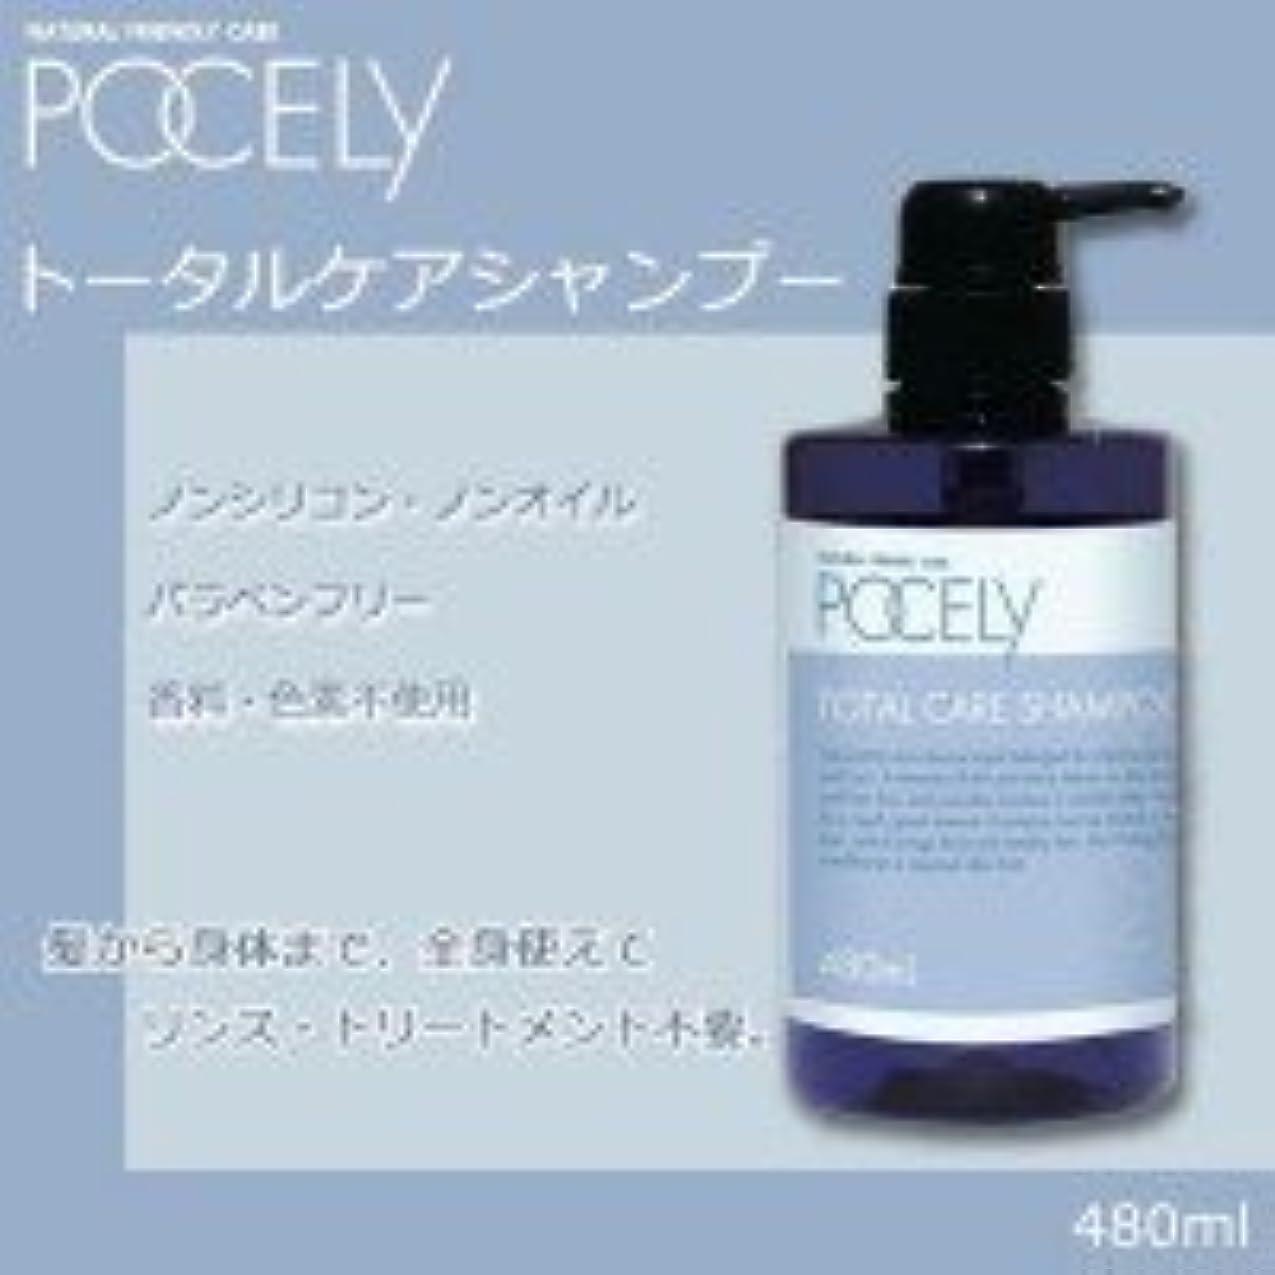 皮膚医学に基づいて開発! POCELY(ポーセリー) トータルケアシャンプー480ml